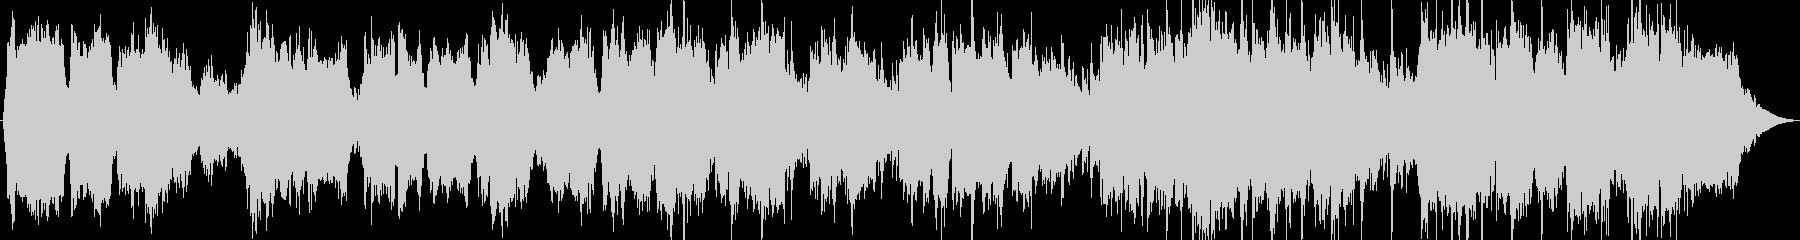 竹笛とシンセサイザーのヒーリング音楽の未再生の波形